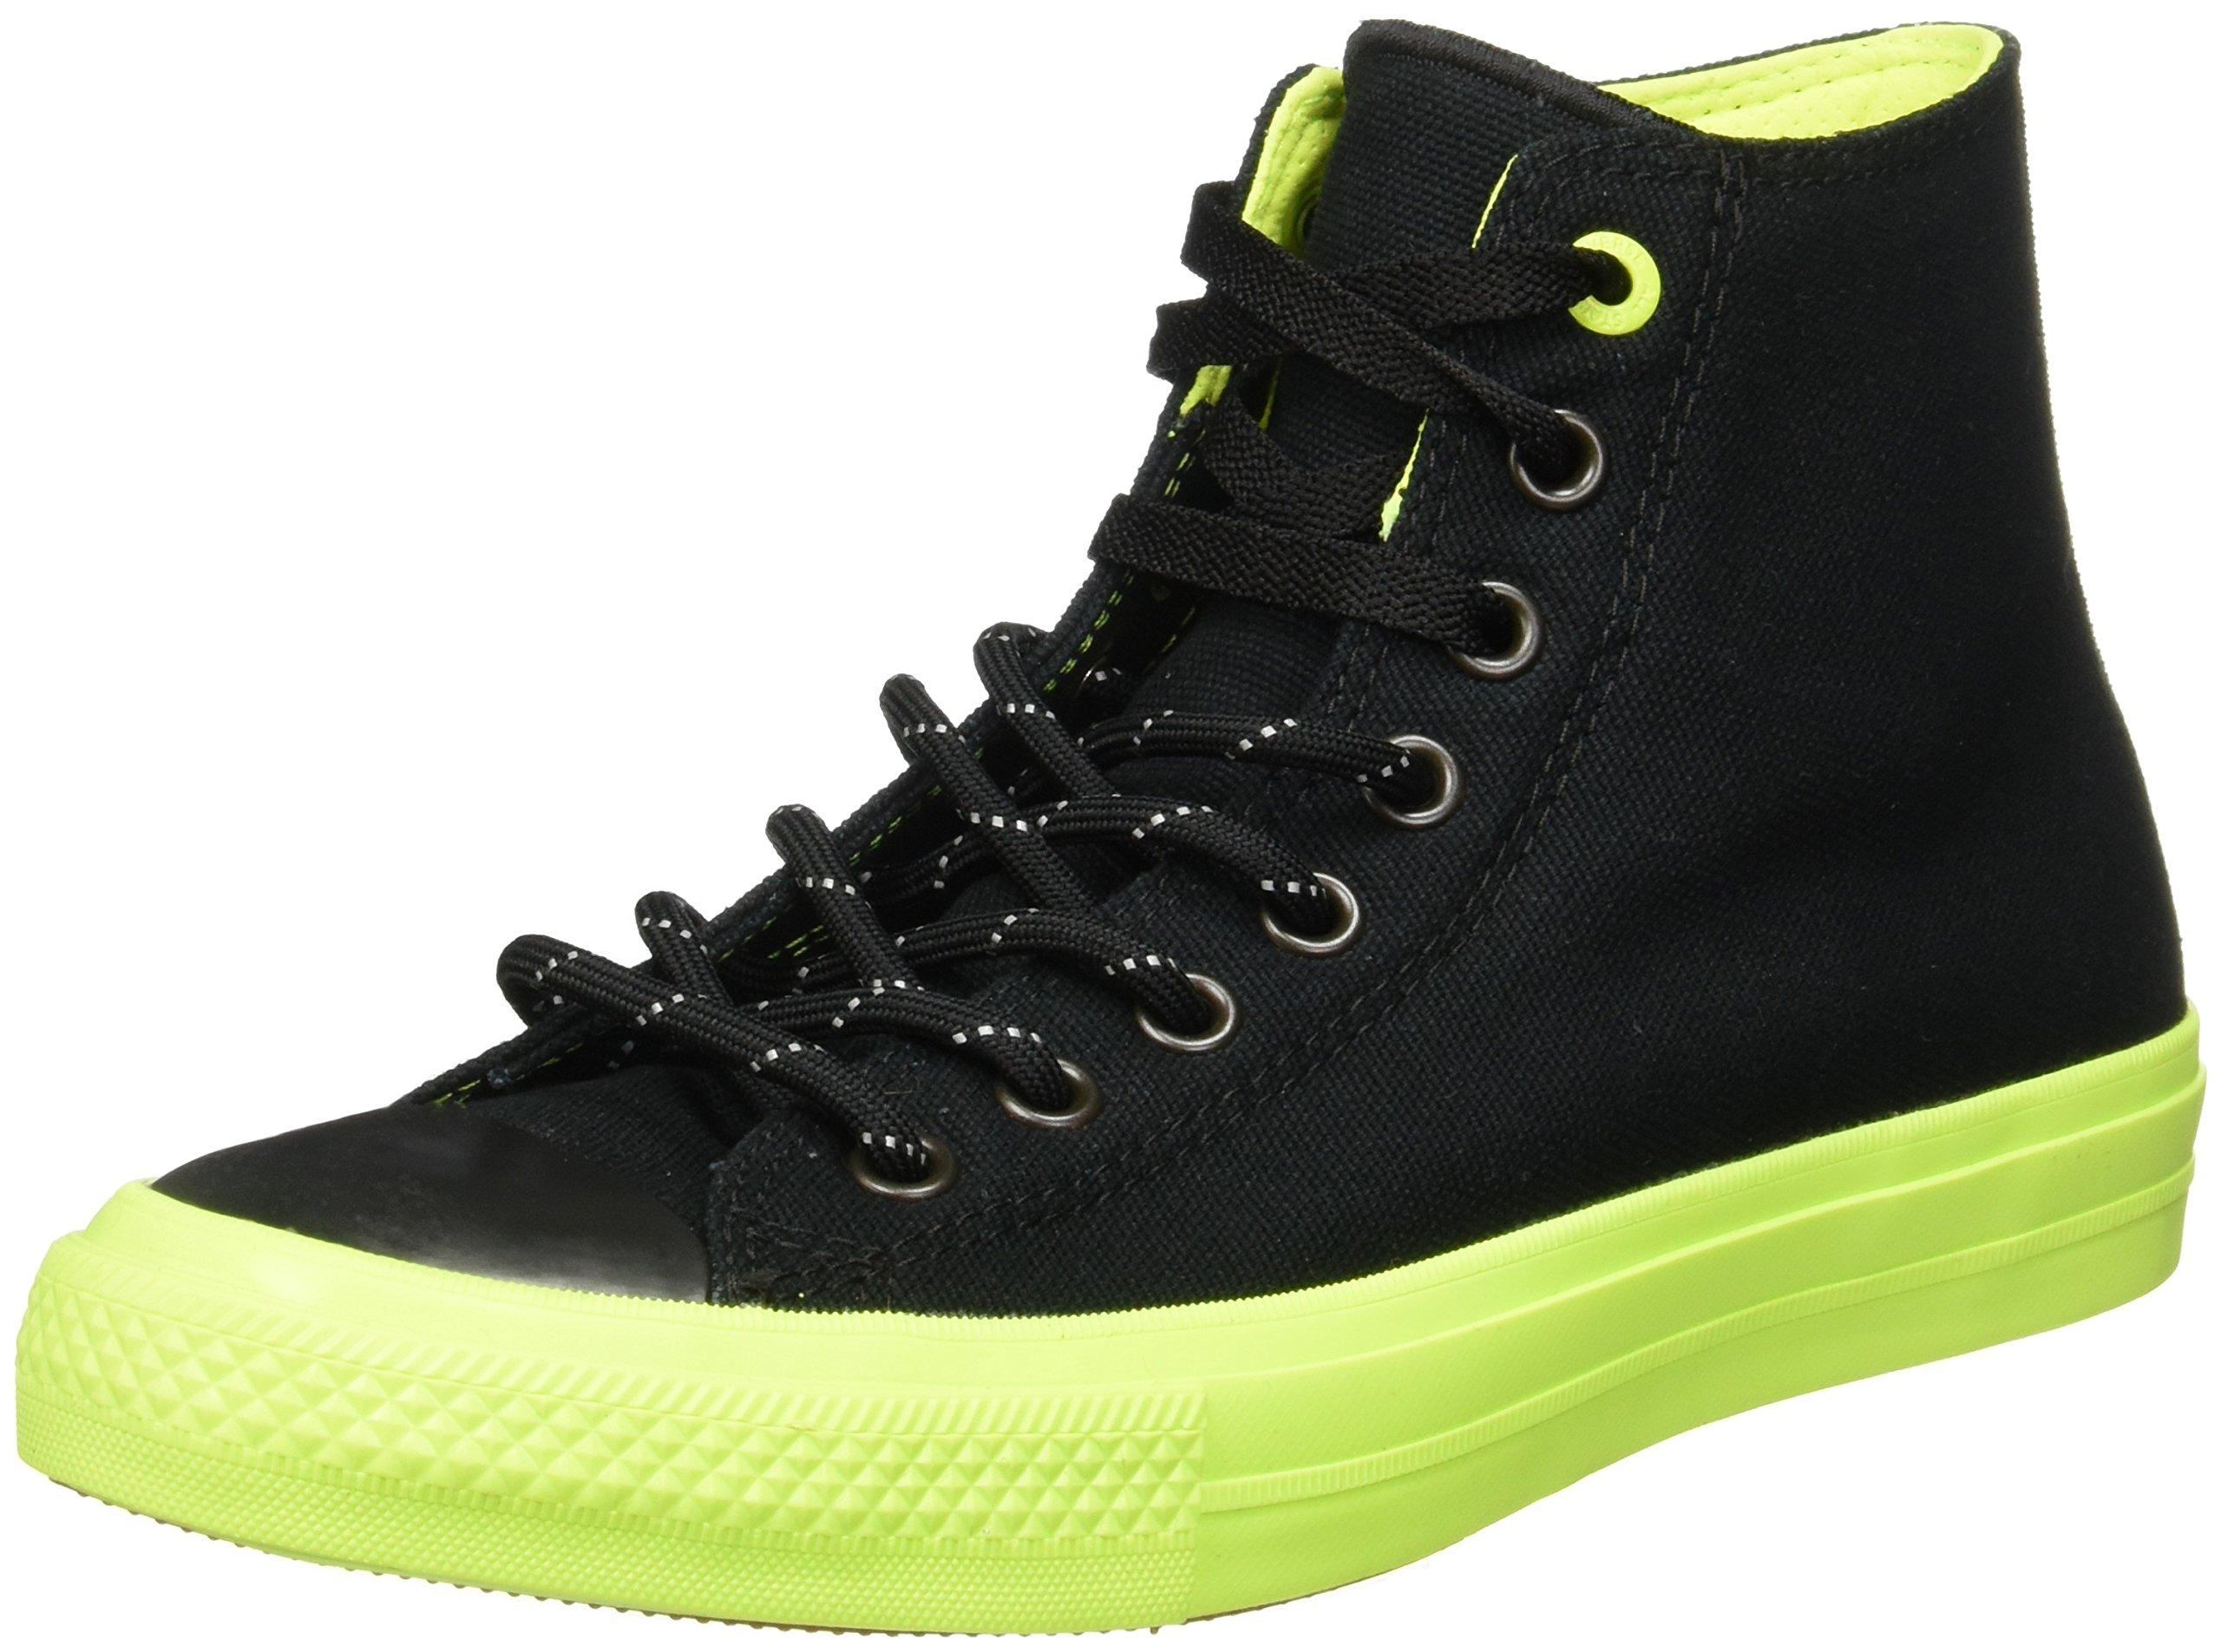 c6ccc429632a Galleon - Converse Chuck Taylor All Star II Shield Canvas Hi Black Volt Gum  Lace Up Casual Shoes 9 D(M) US Men Black Volt Gum